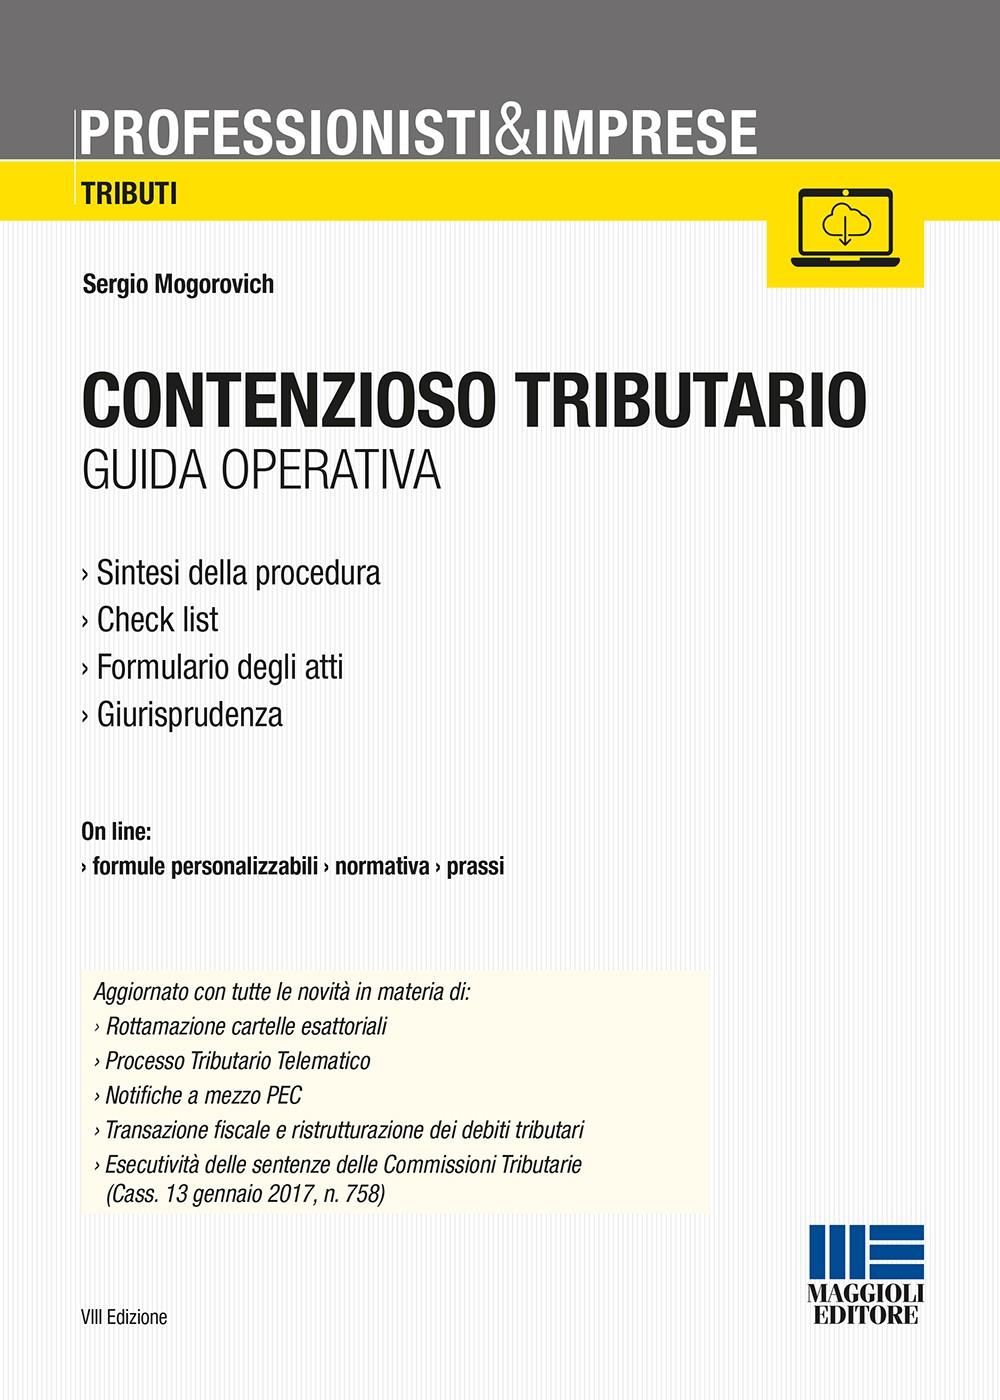 contenzioso tributario - Libri. Contenzioso tributario. Guida operativa